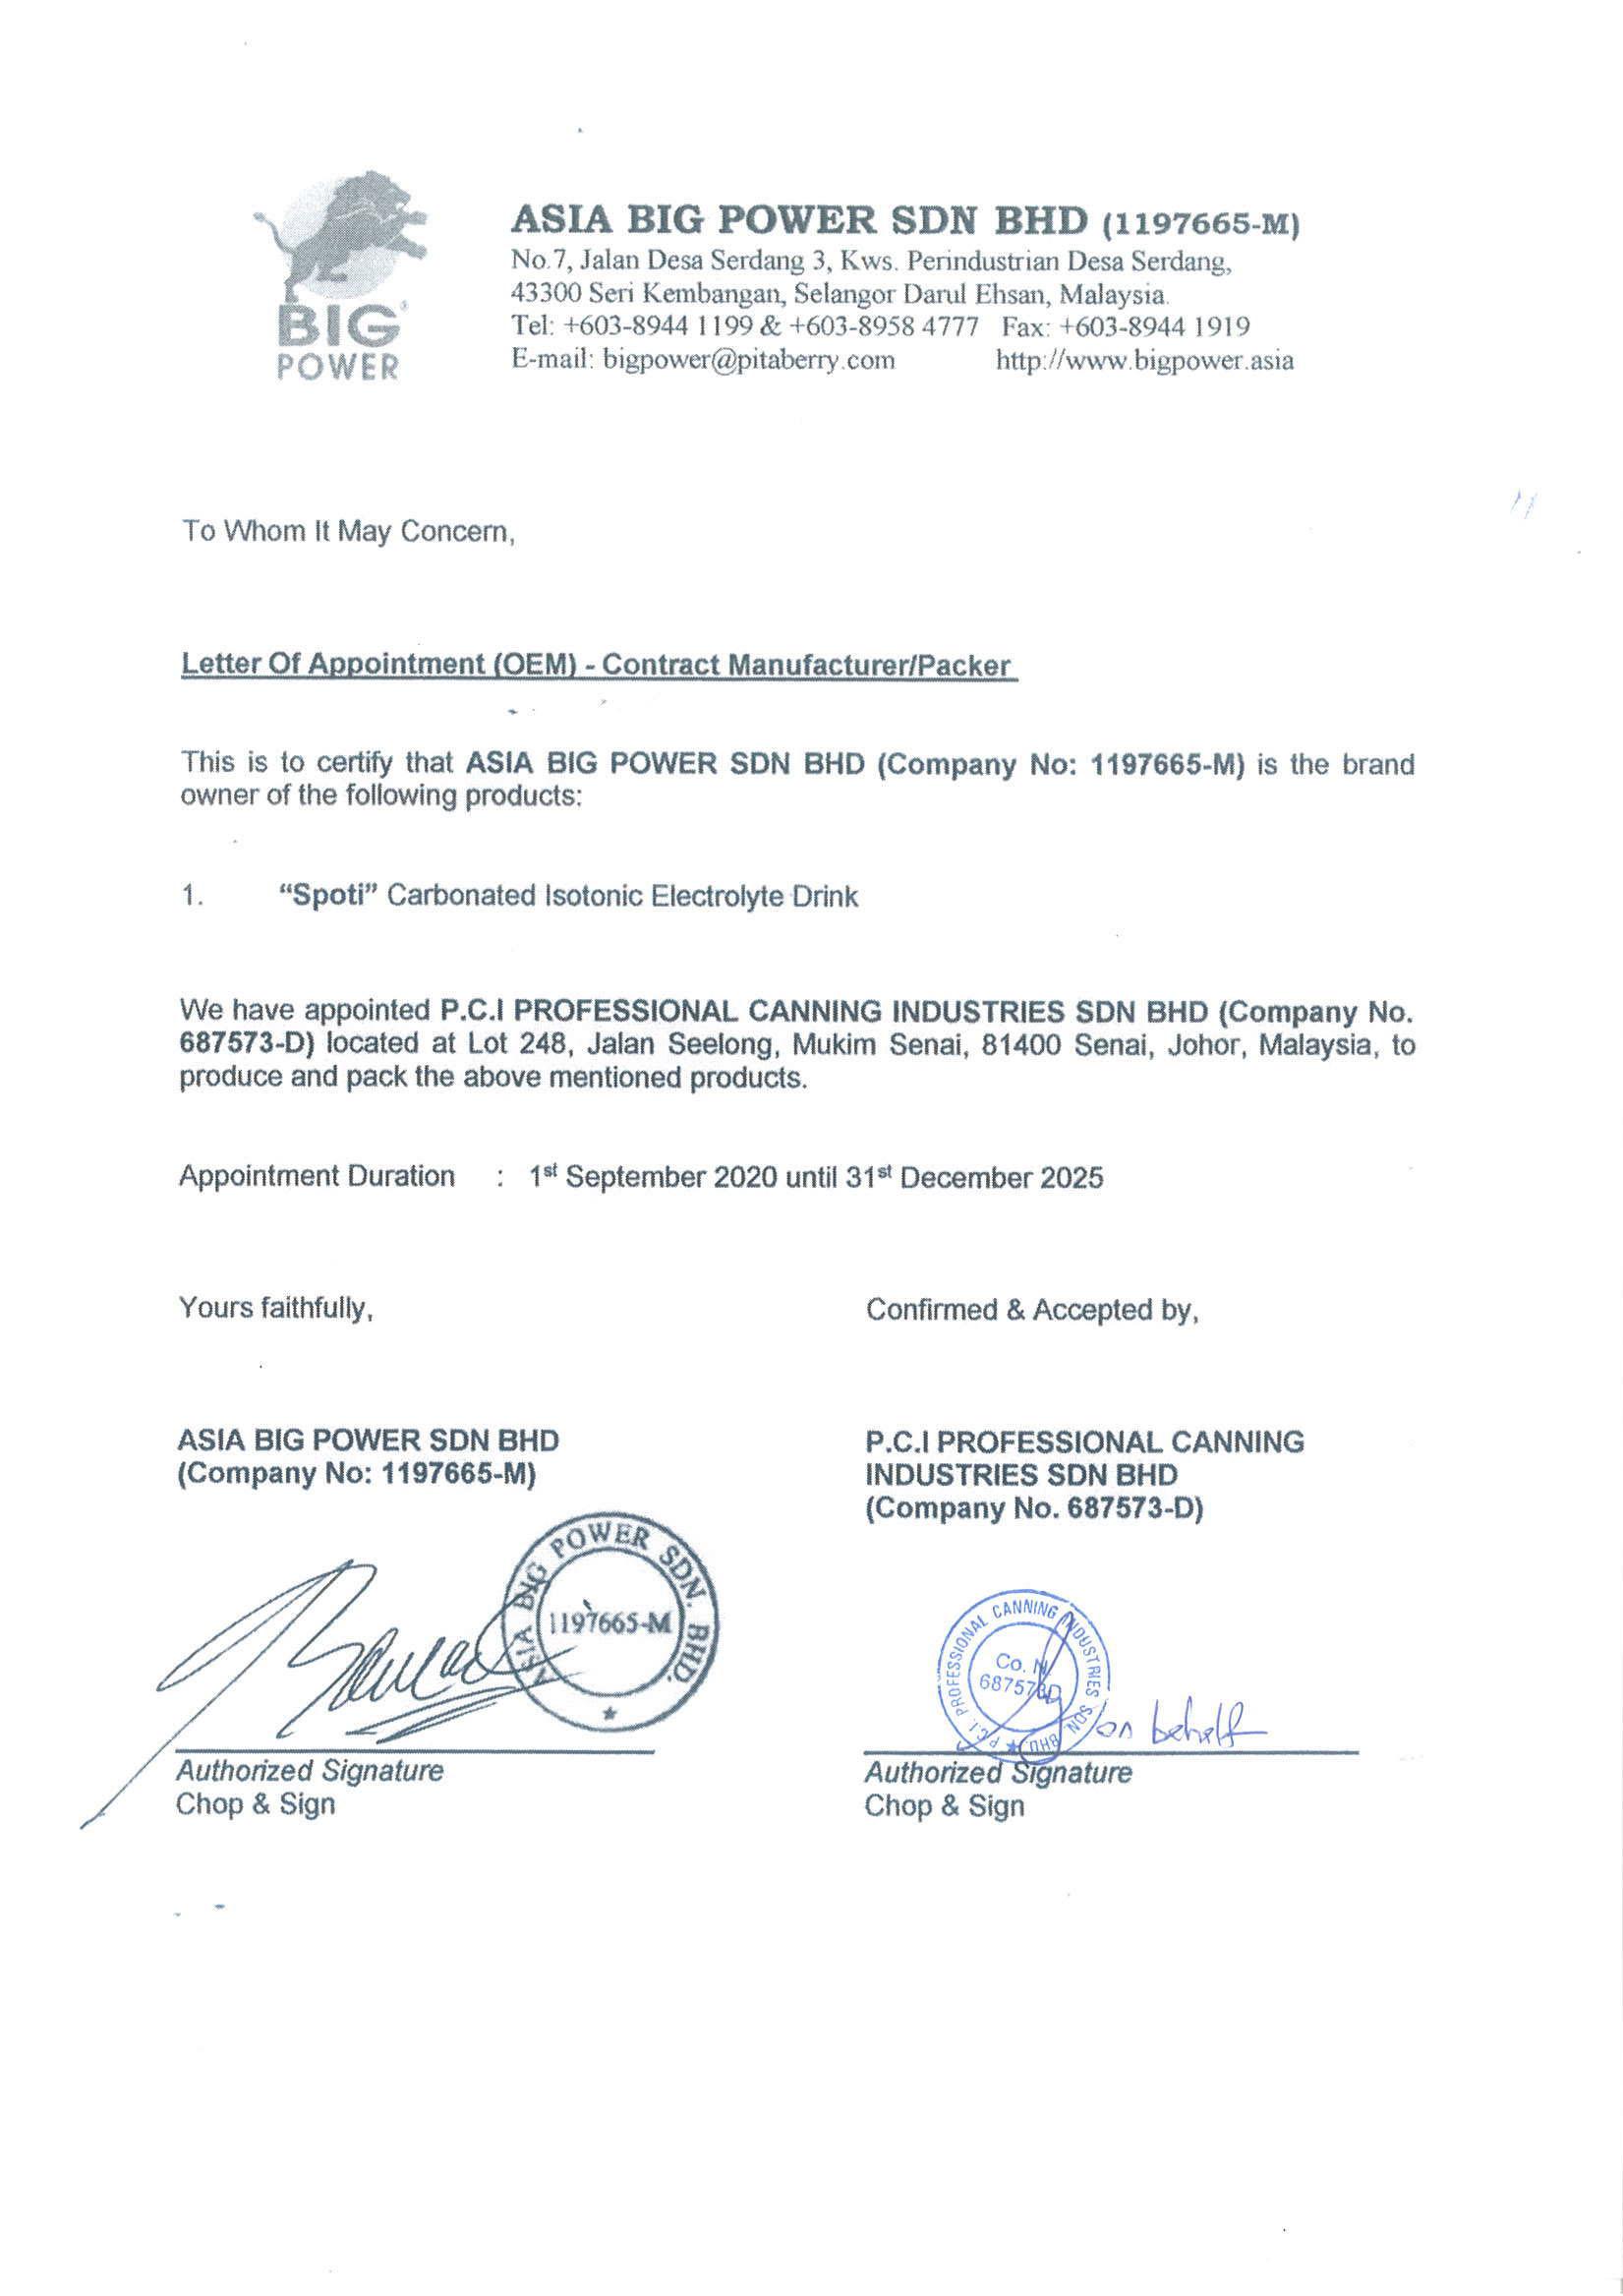 Spoti OEM Letter- PCI (04-09-2020)